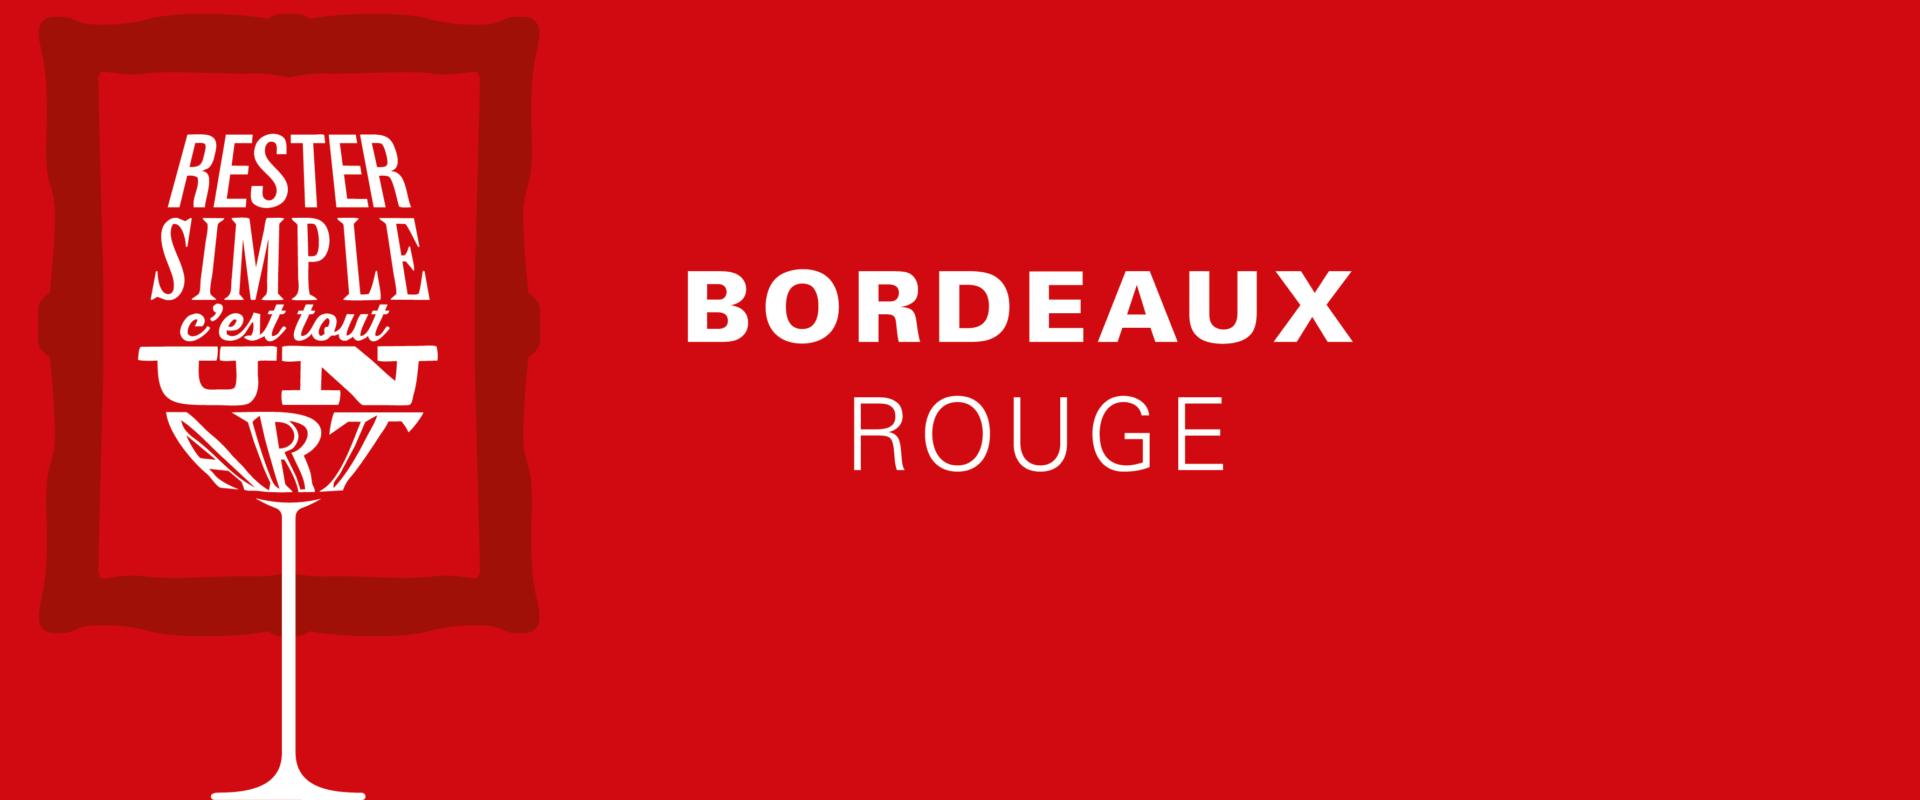 L'AOC du mois : BORDEAUX ROUGE